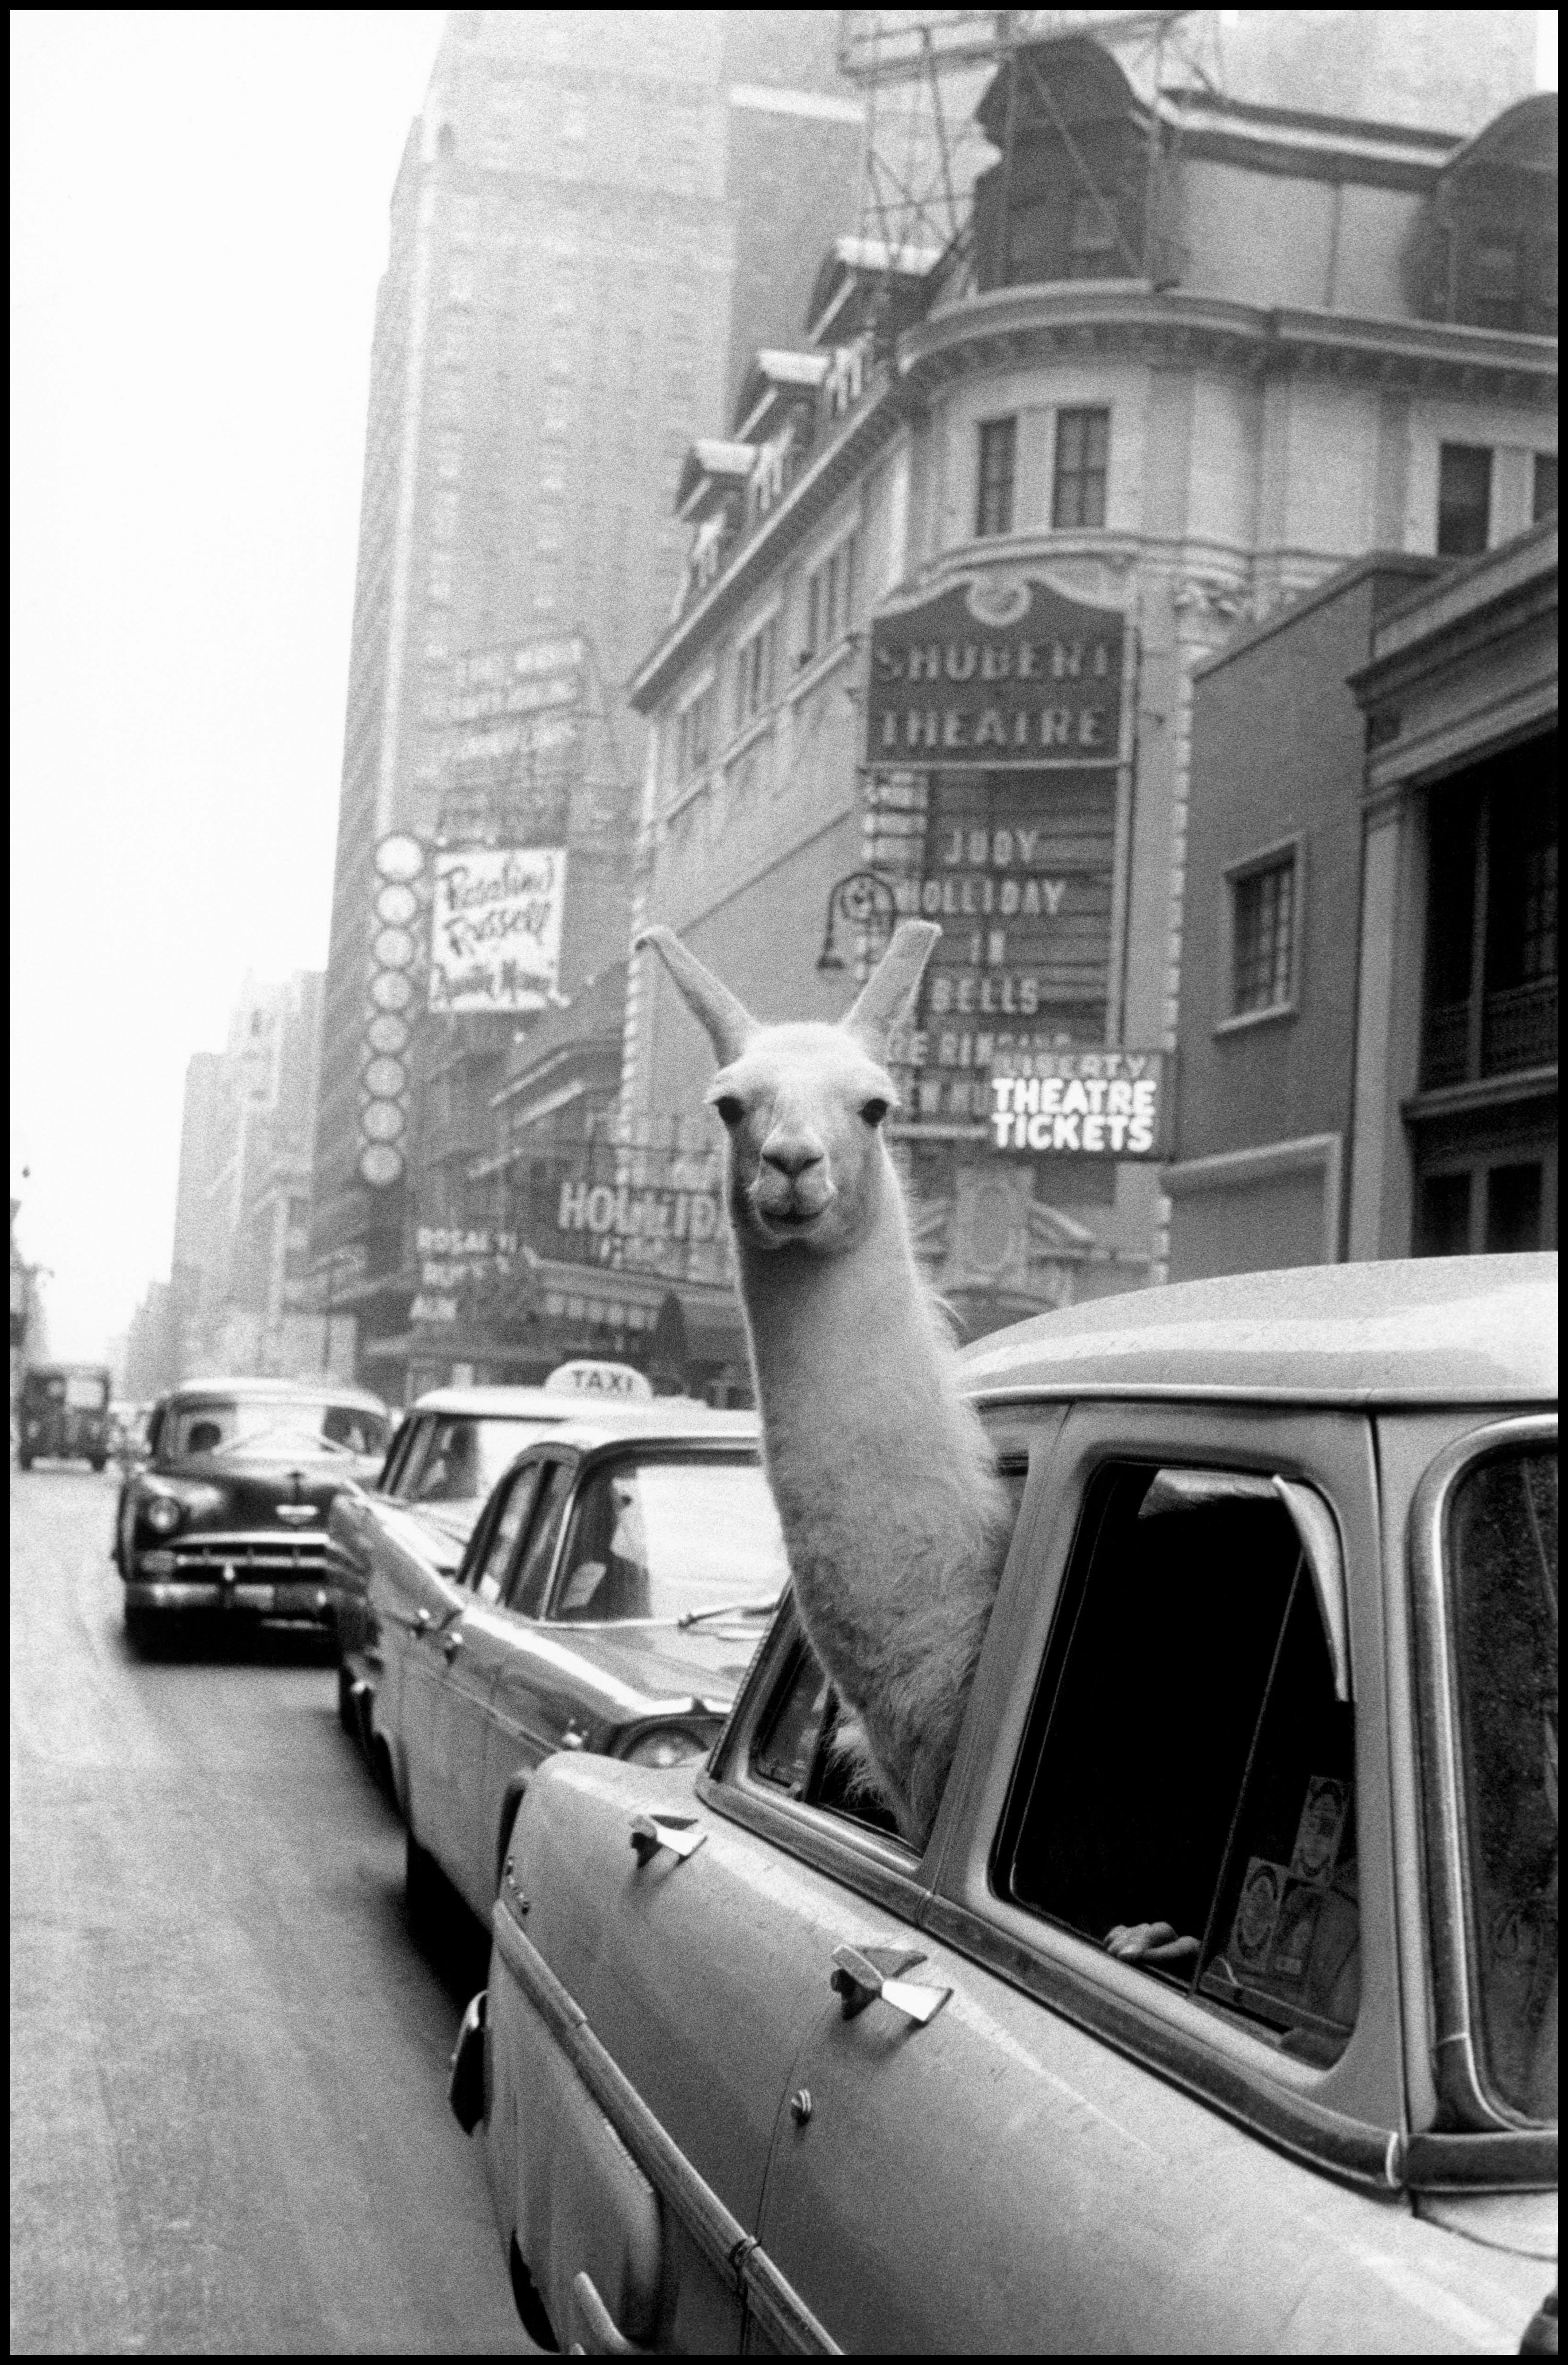 Лама на Таймс-сквер, Нью-Йорк, 1957. @ Инге Морат